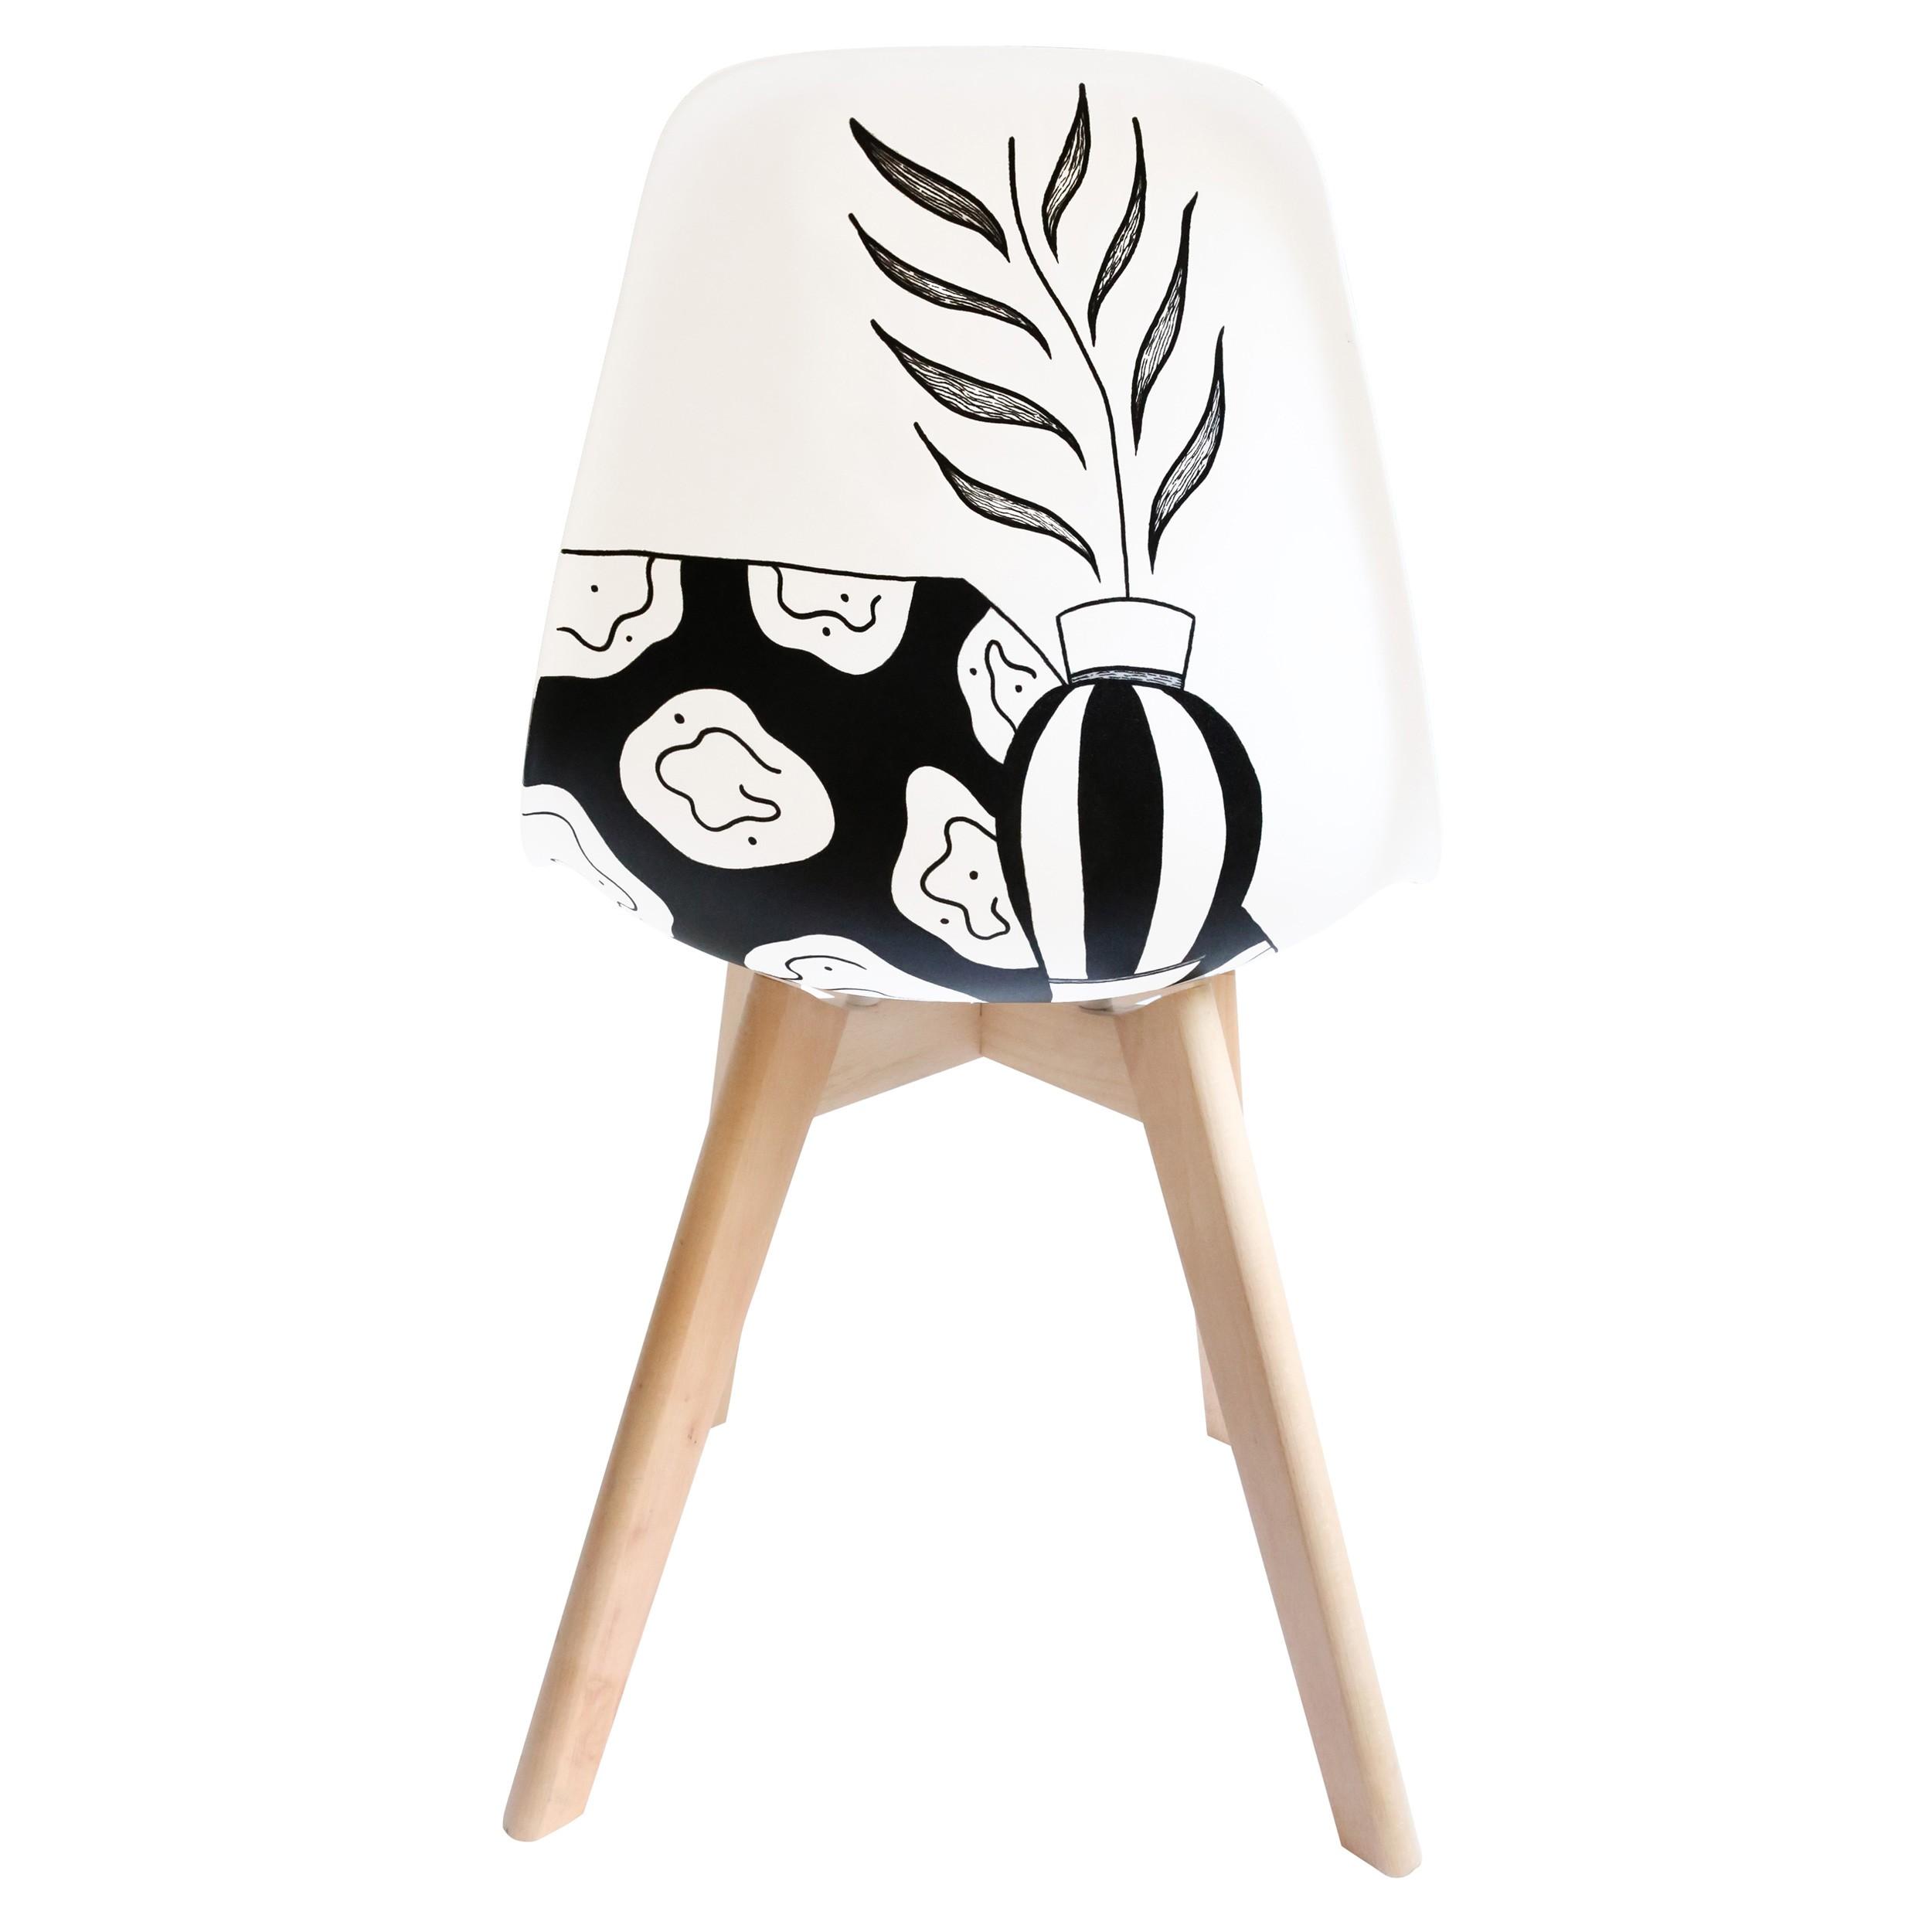 acheter chaise artiste macka